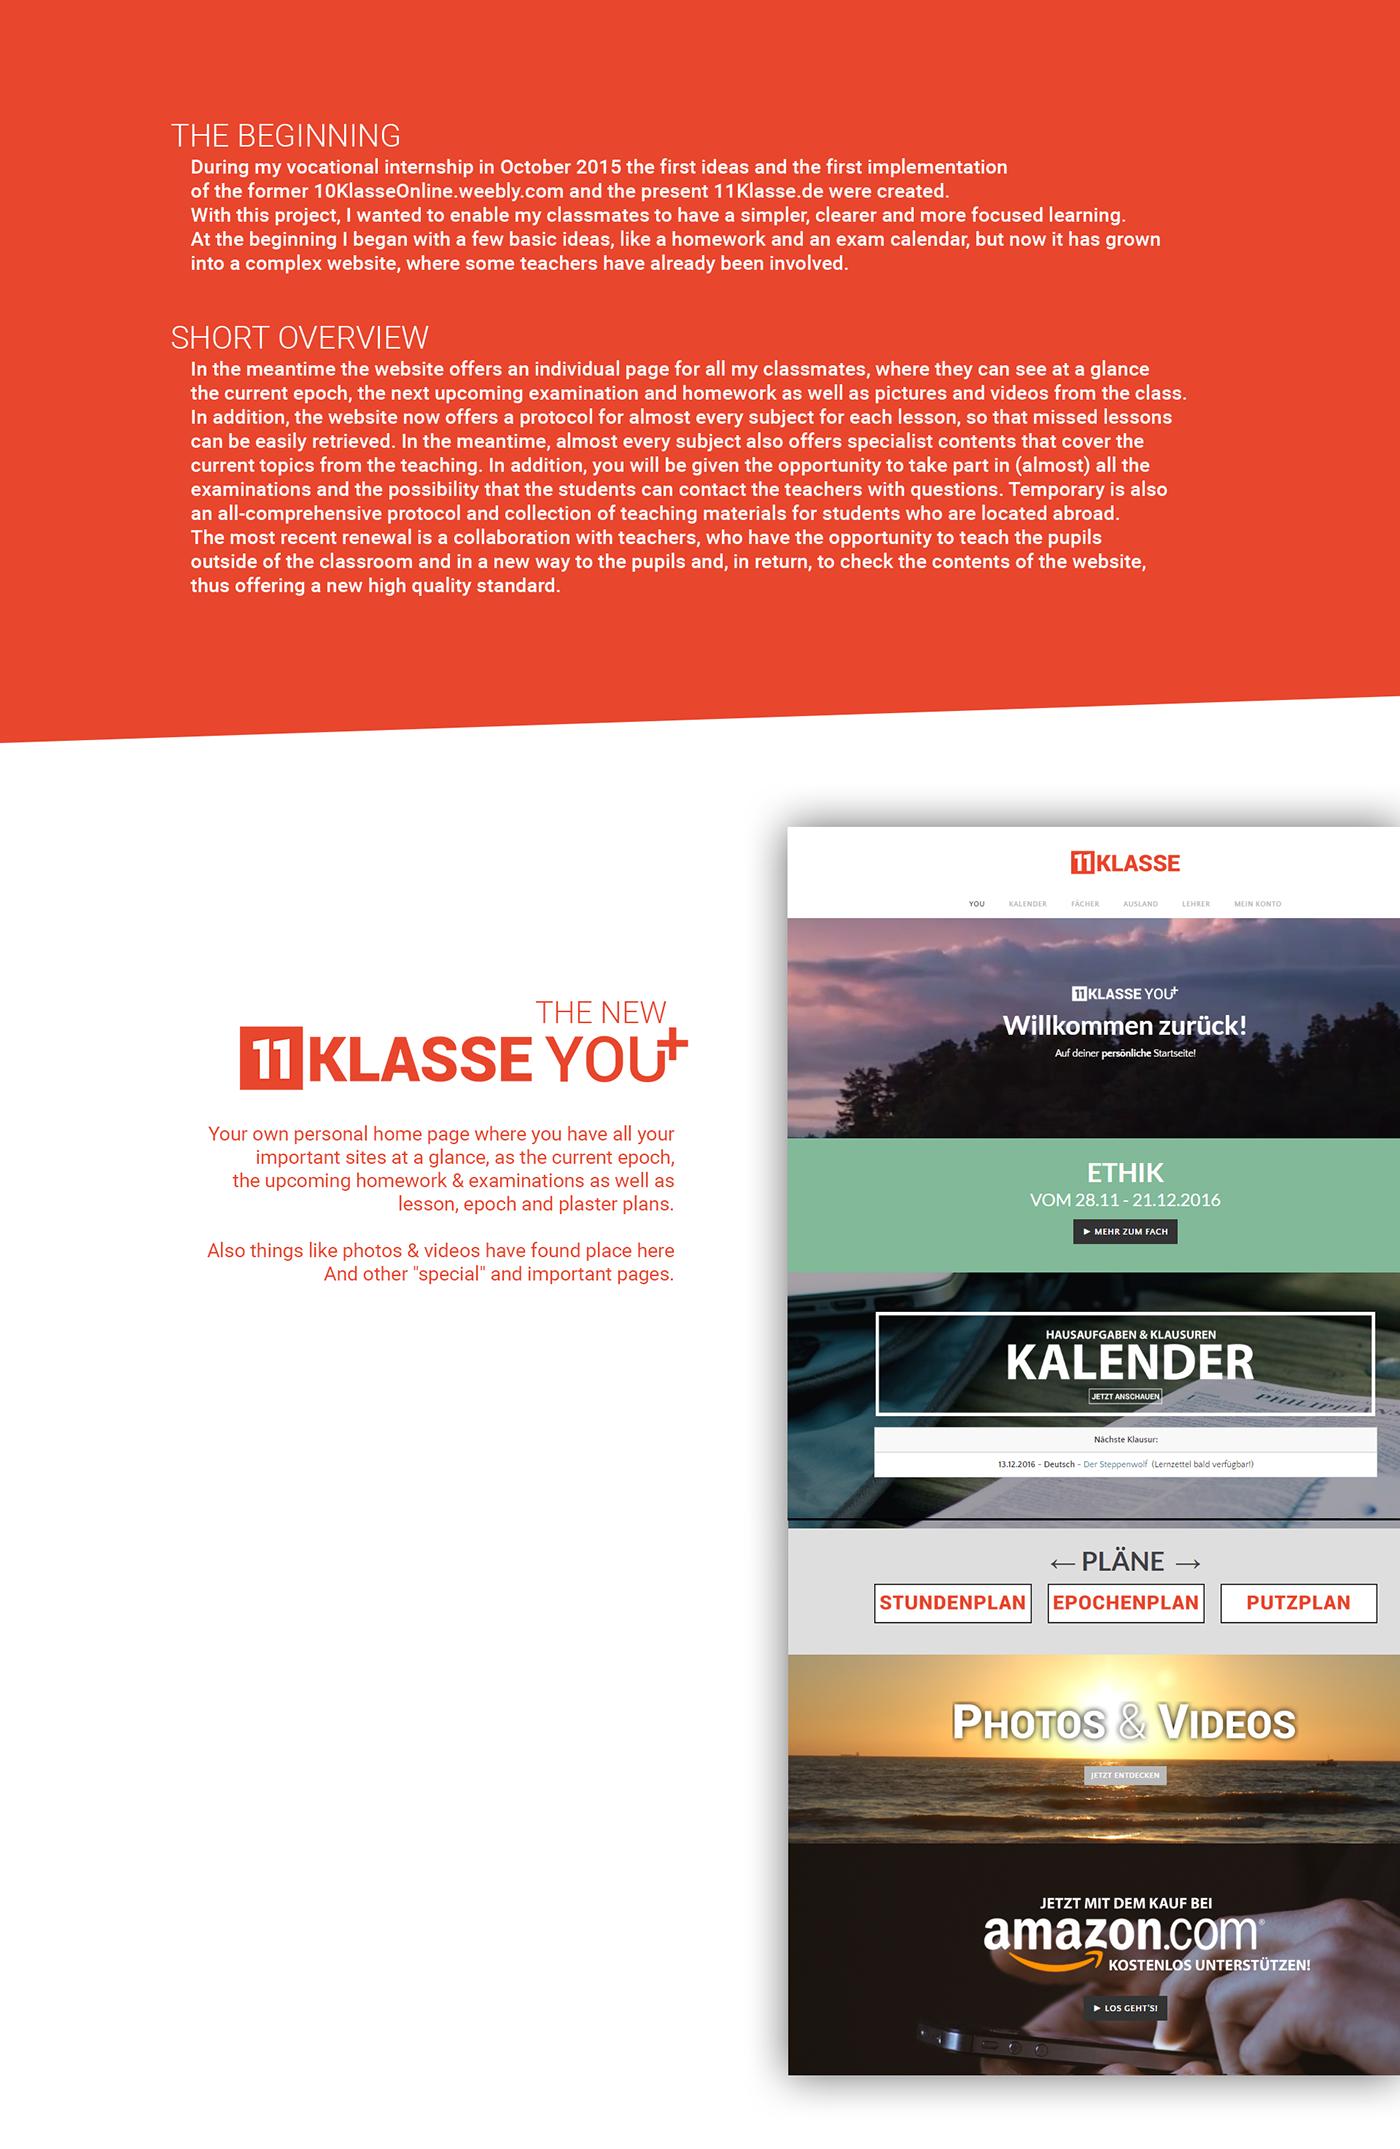 11Klasse.de - Your personal Student Portal on Behance